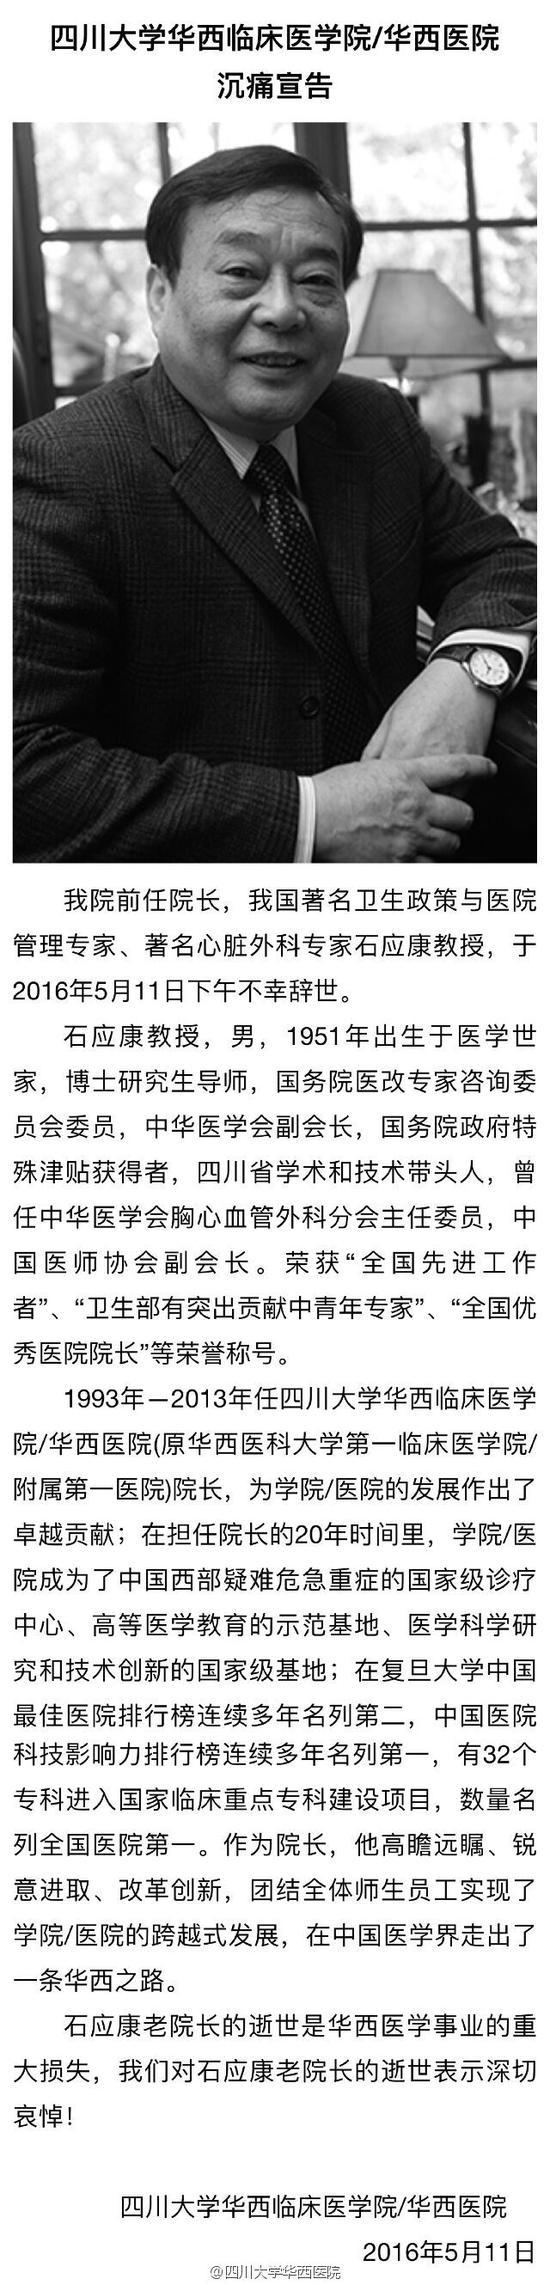 四川大学华西临床医学院/华西病院悲痛宣布